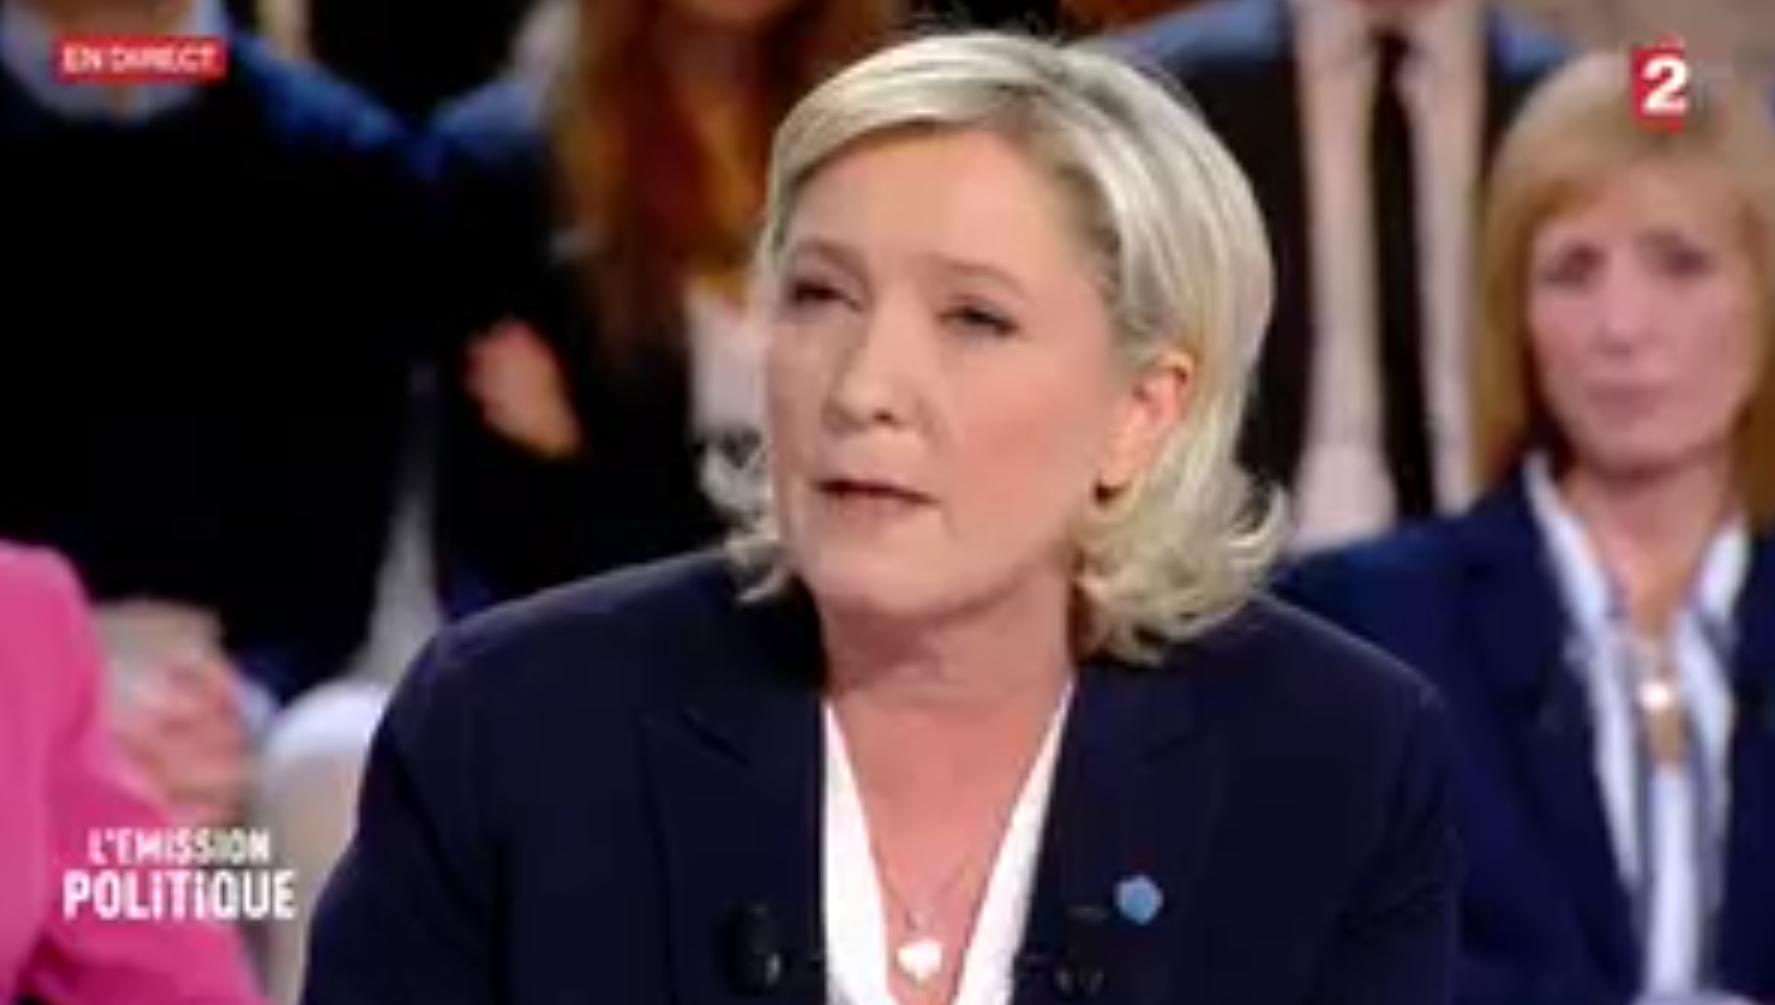 L'Emission politique : Marine Le Pen jugé convaincante par 41% des téléspectateurs